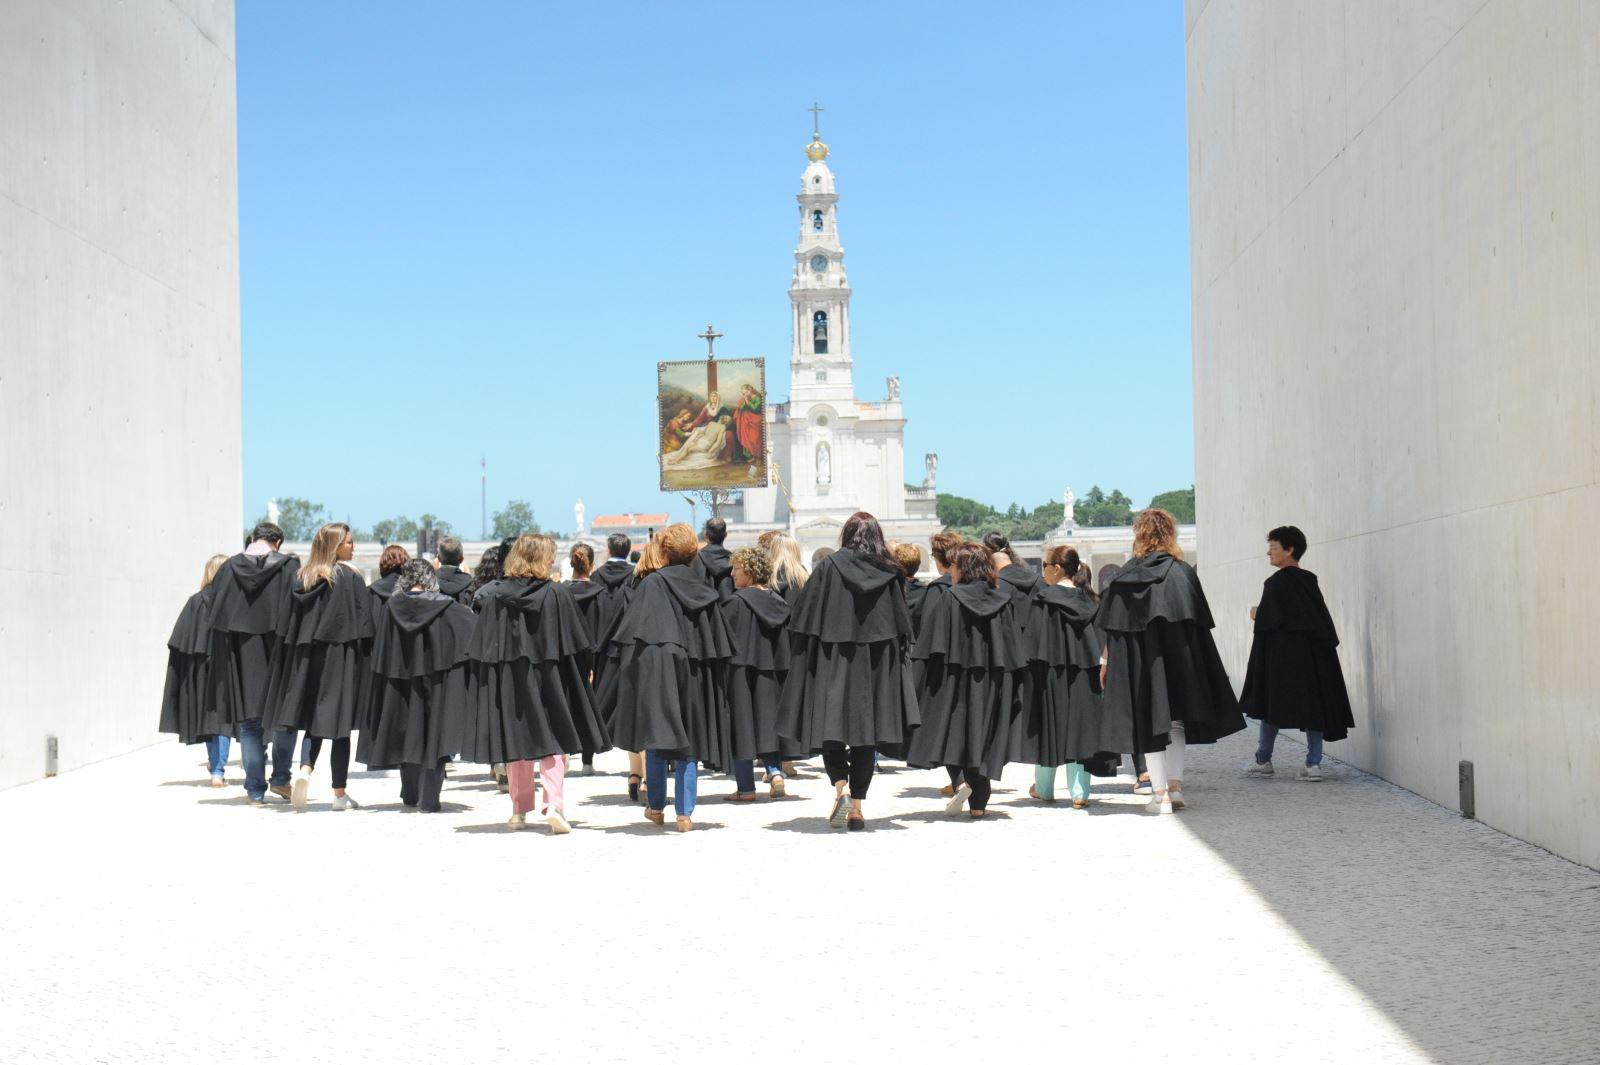 União | Misericórdias em peregrinação a Fátima